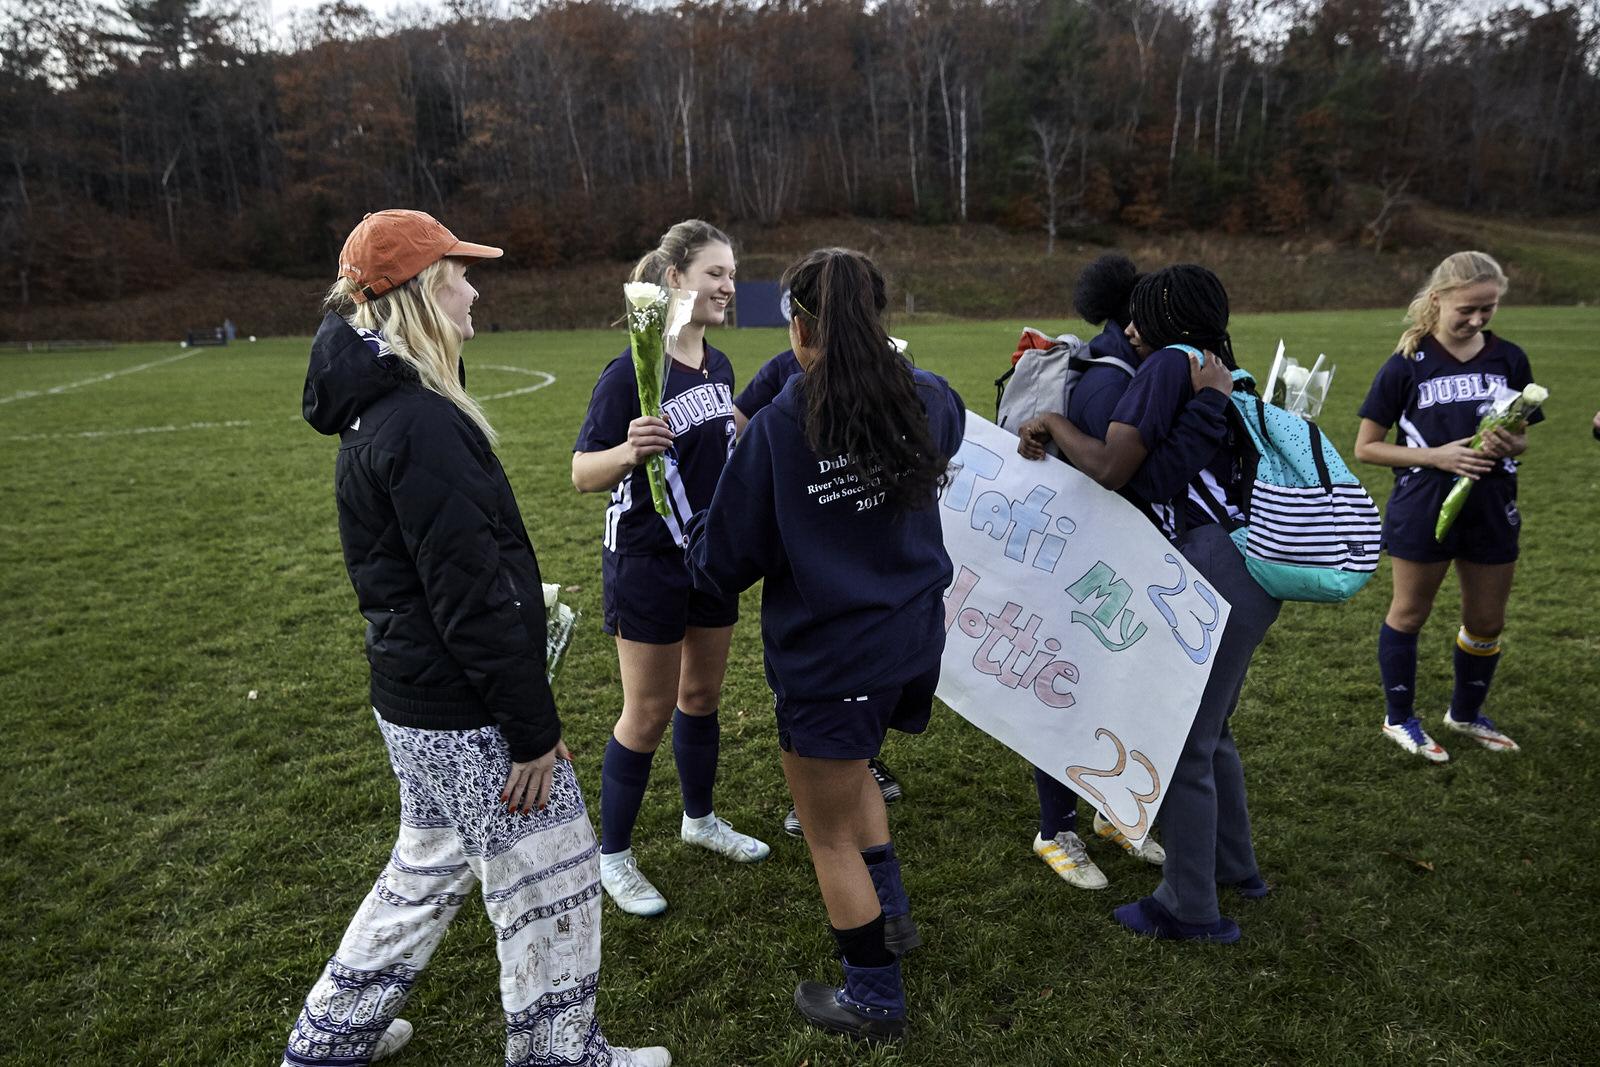 Girls Varsity Soccer vs. White Mountain School - November 7, 2018 - Nov 07 2018 - 0077.jpg